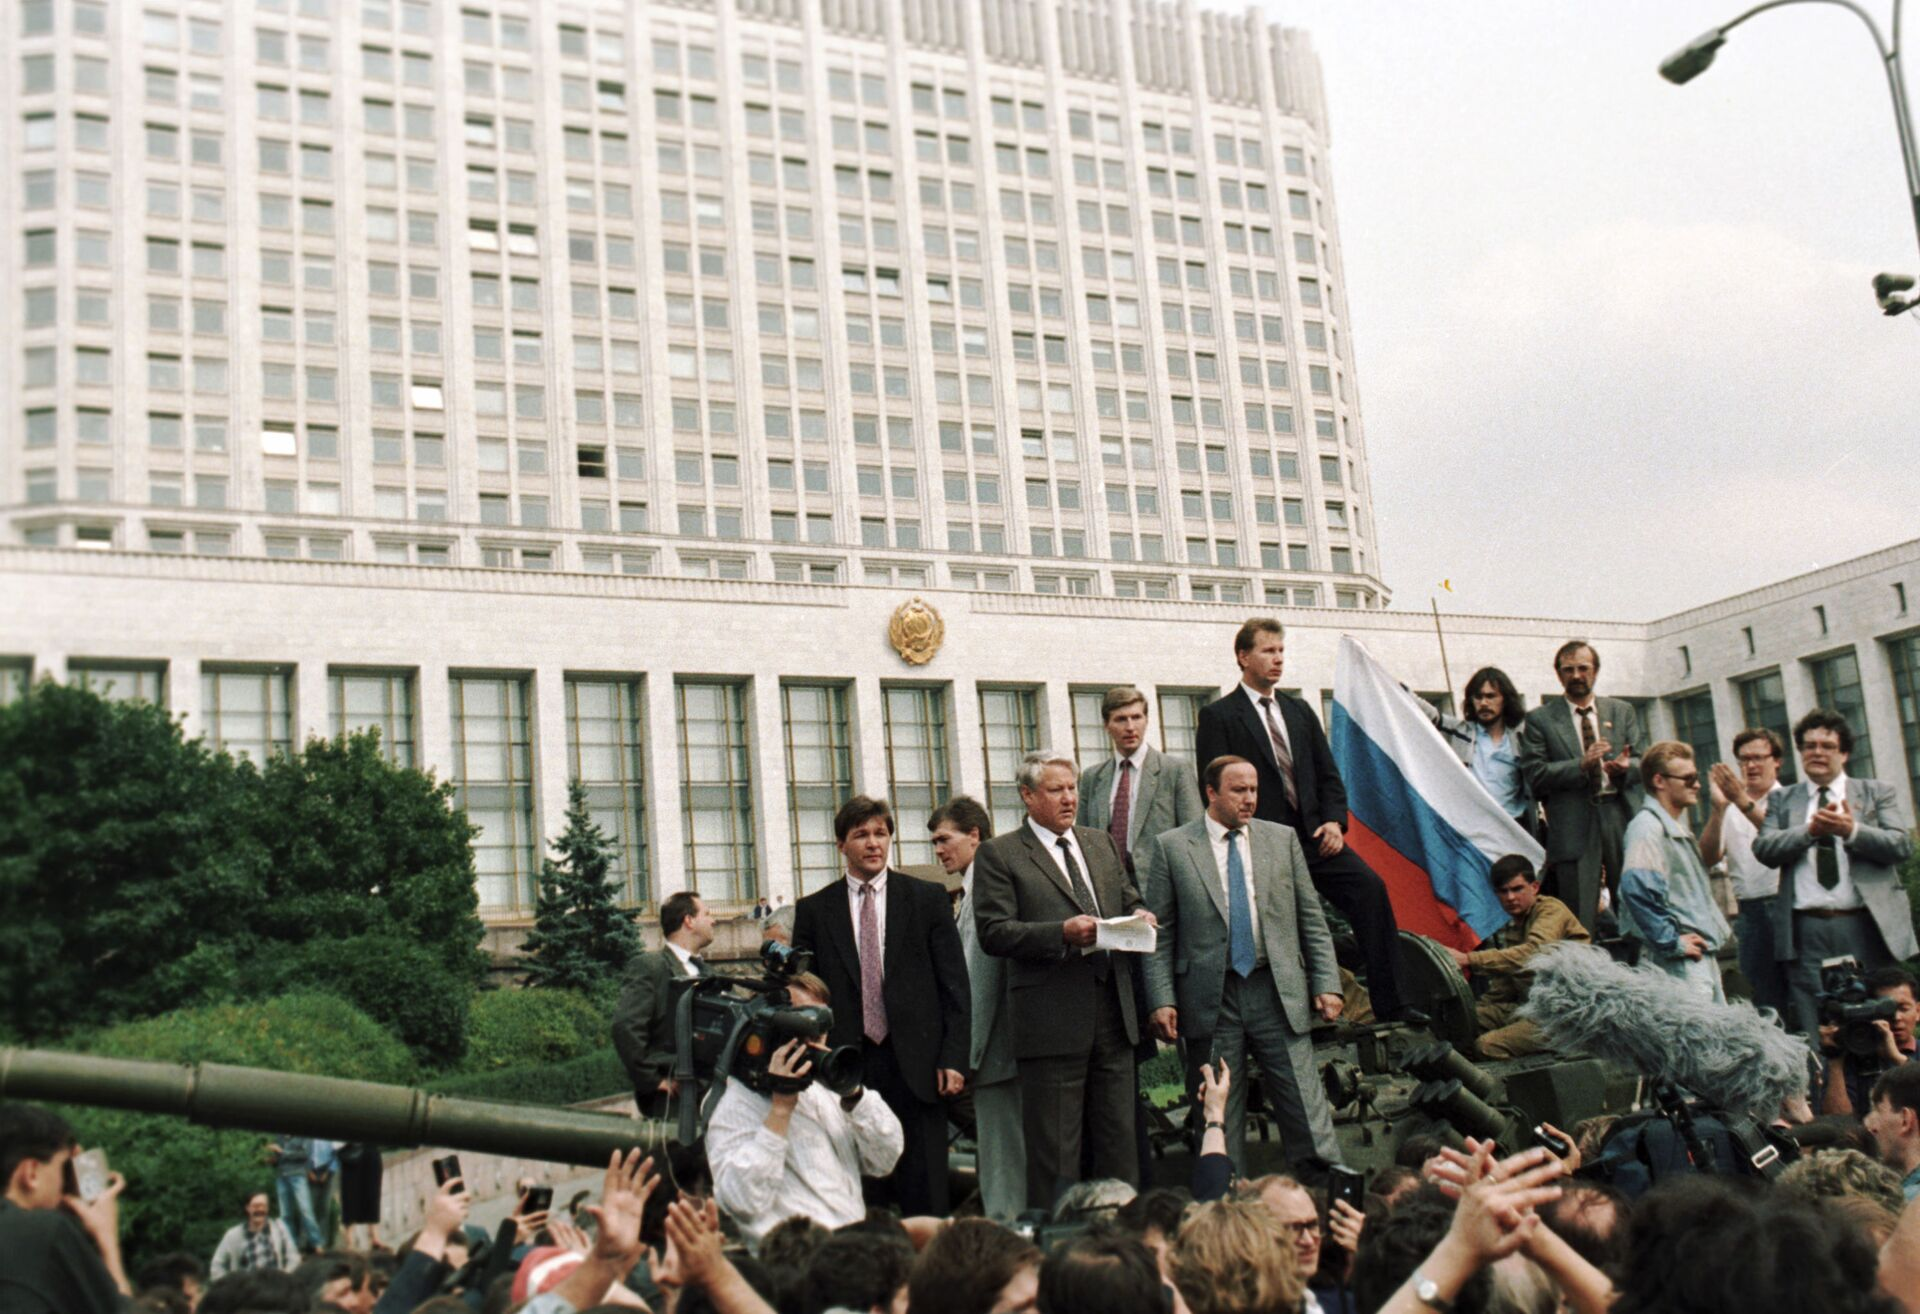 Boris Yeltsin phát biểu bên ngoài tòa nhà của Hội đồng Bộ trưởng của RSFSR trong Cuộc Nổi dậy tháng 8 - Sputnik Việt Nam, 1920, 05.10.2021